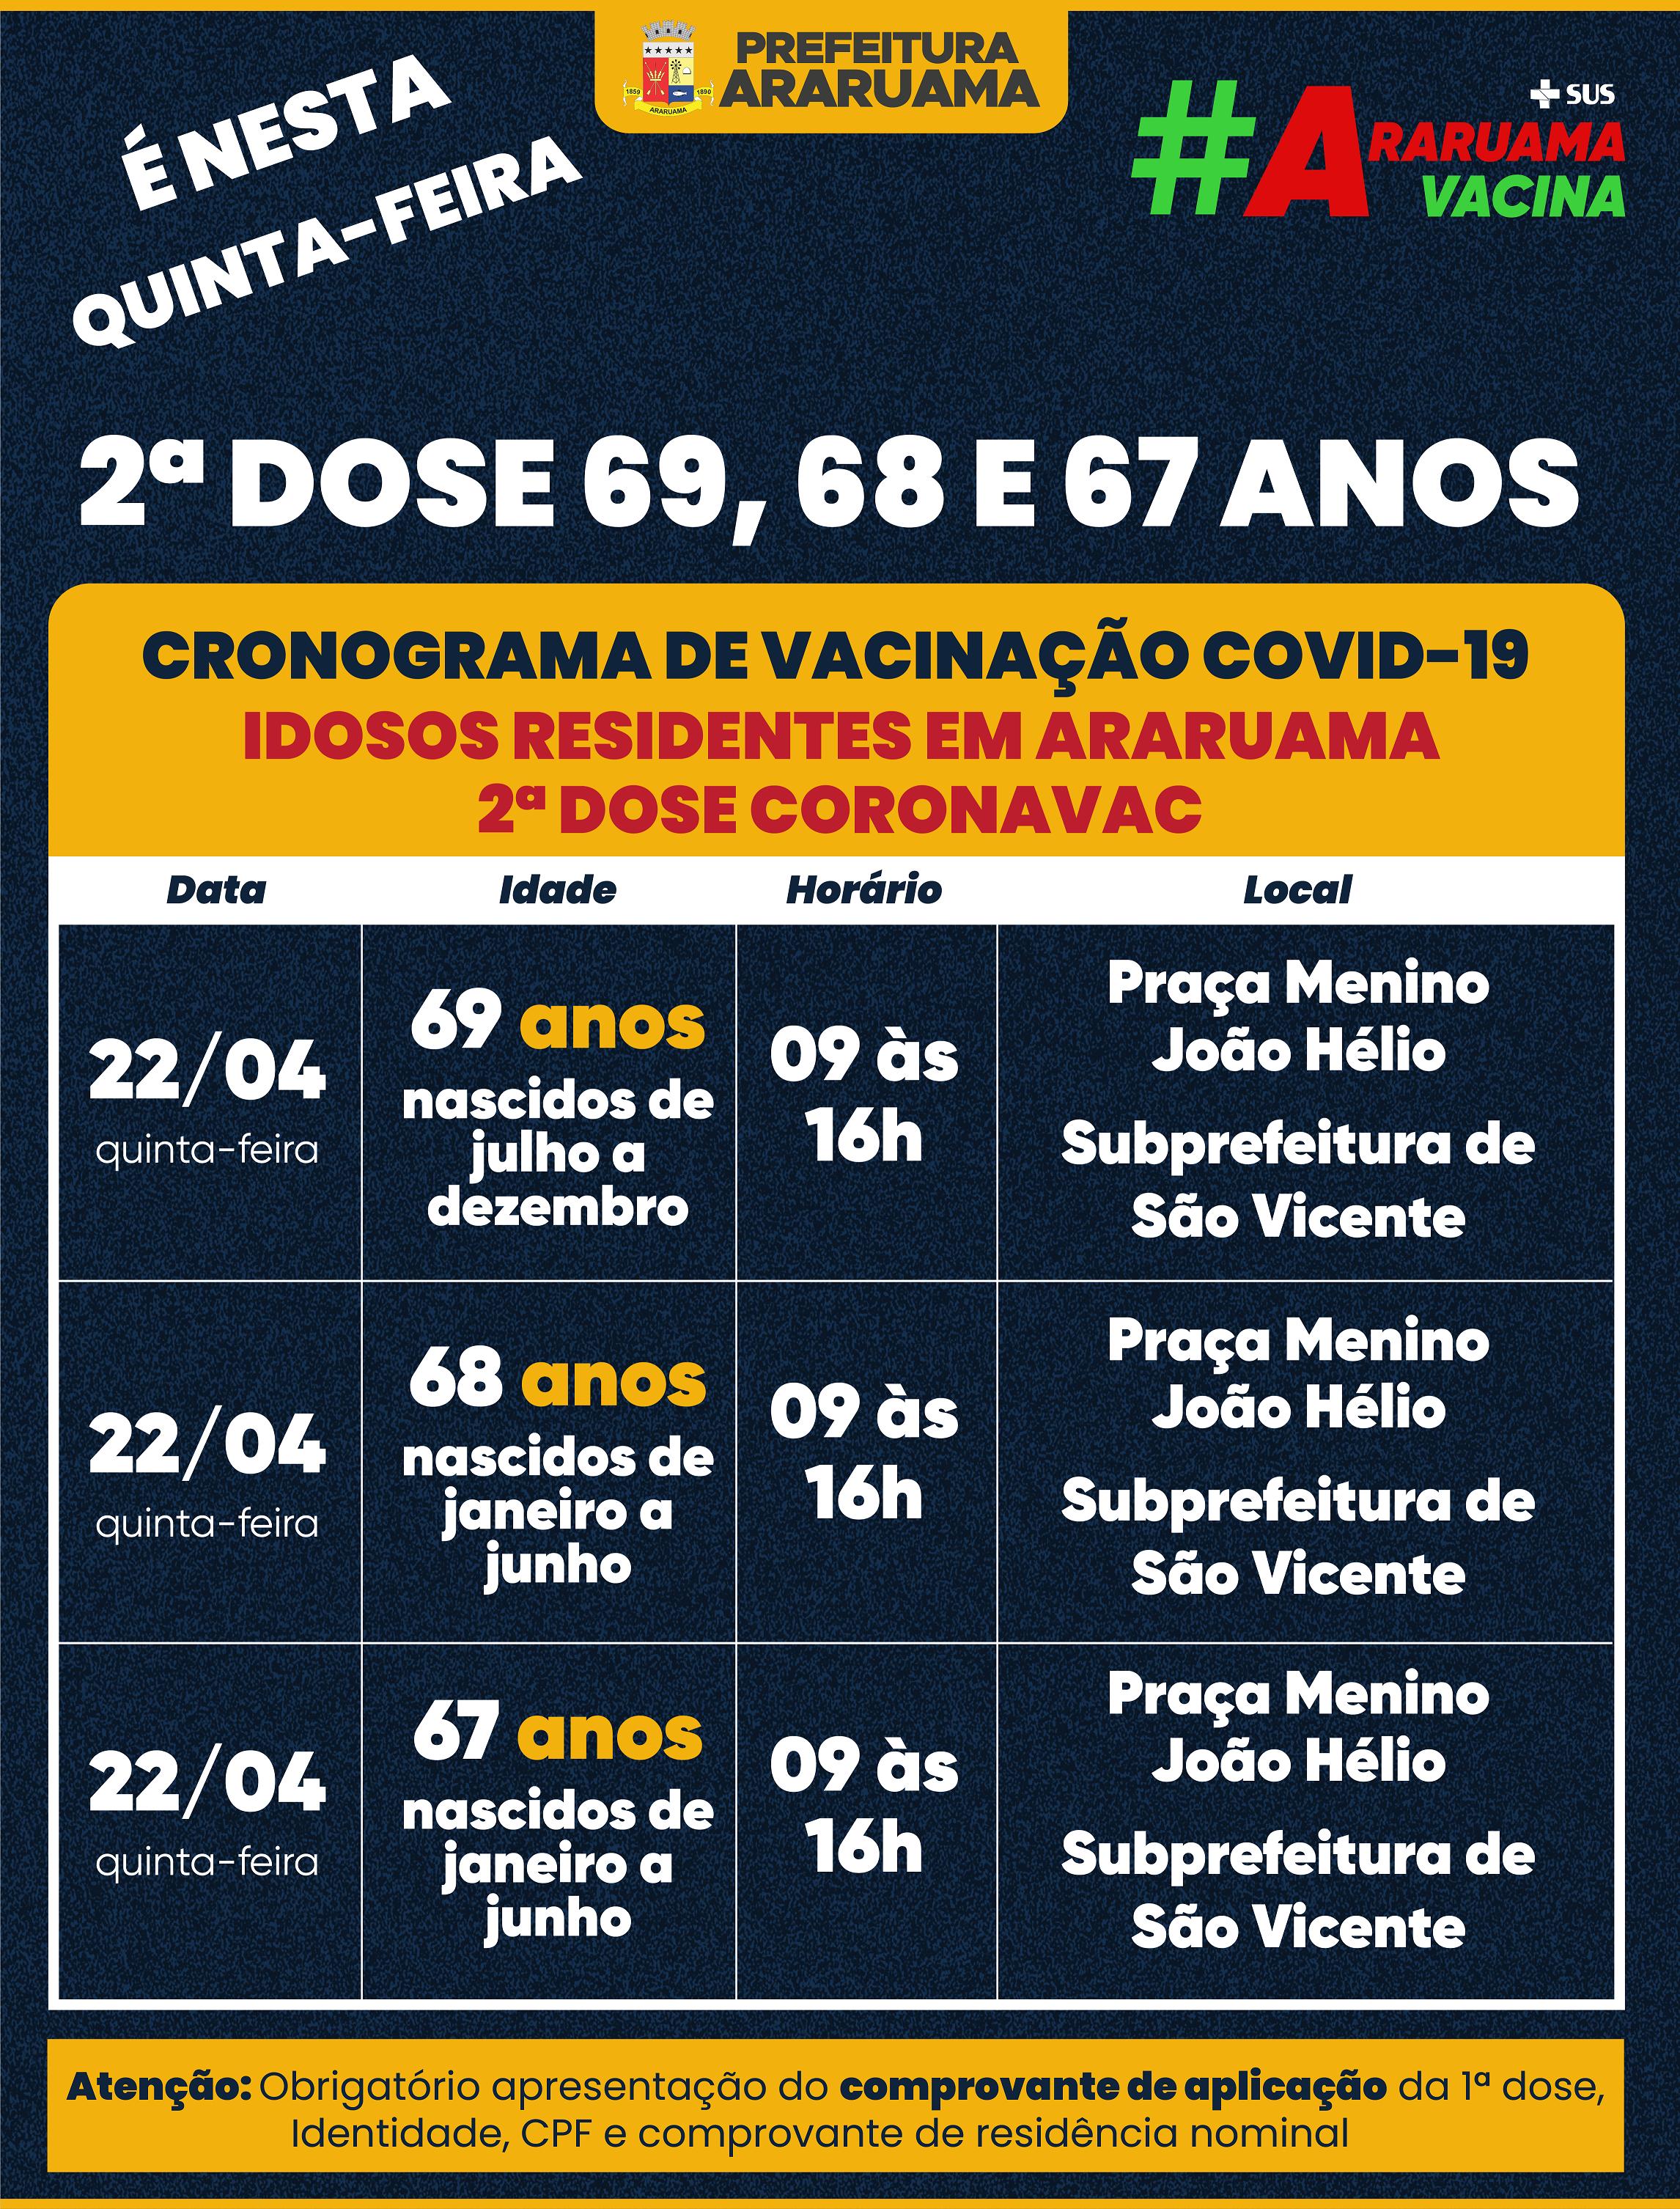 Calendário de vacinação da segunda dose da Coronavac para essa quinta-feira, 22